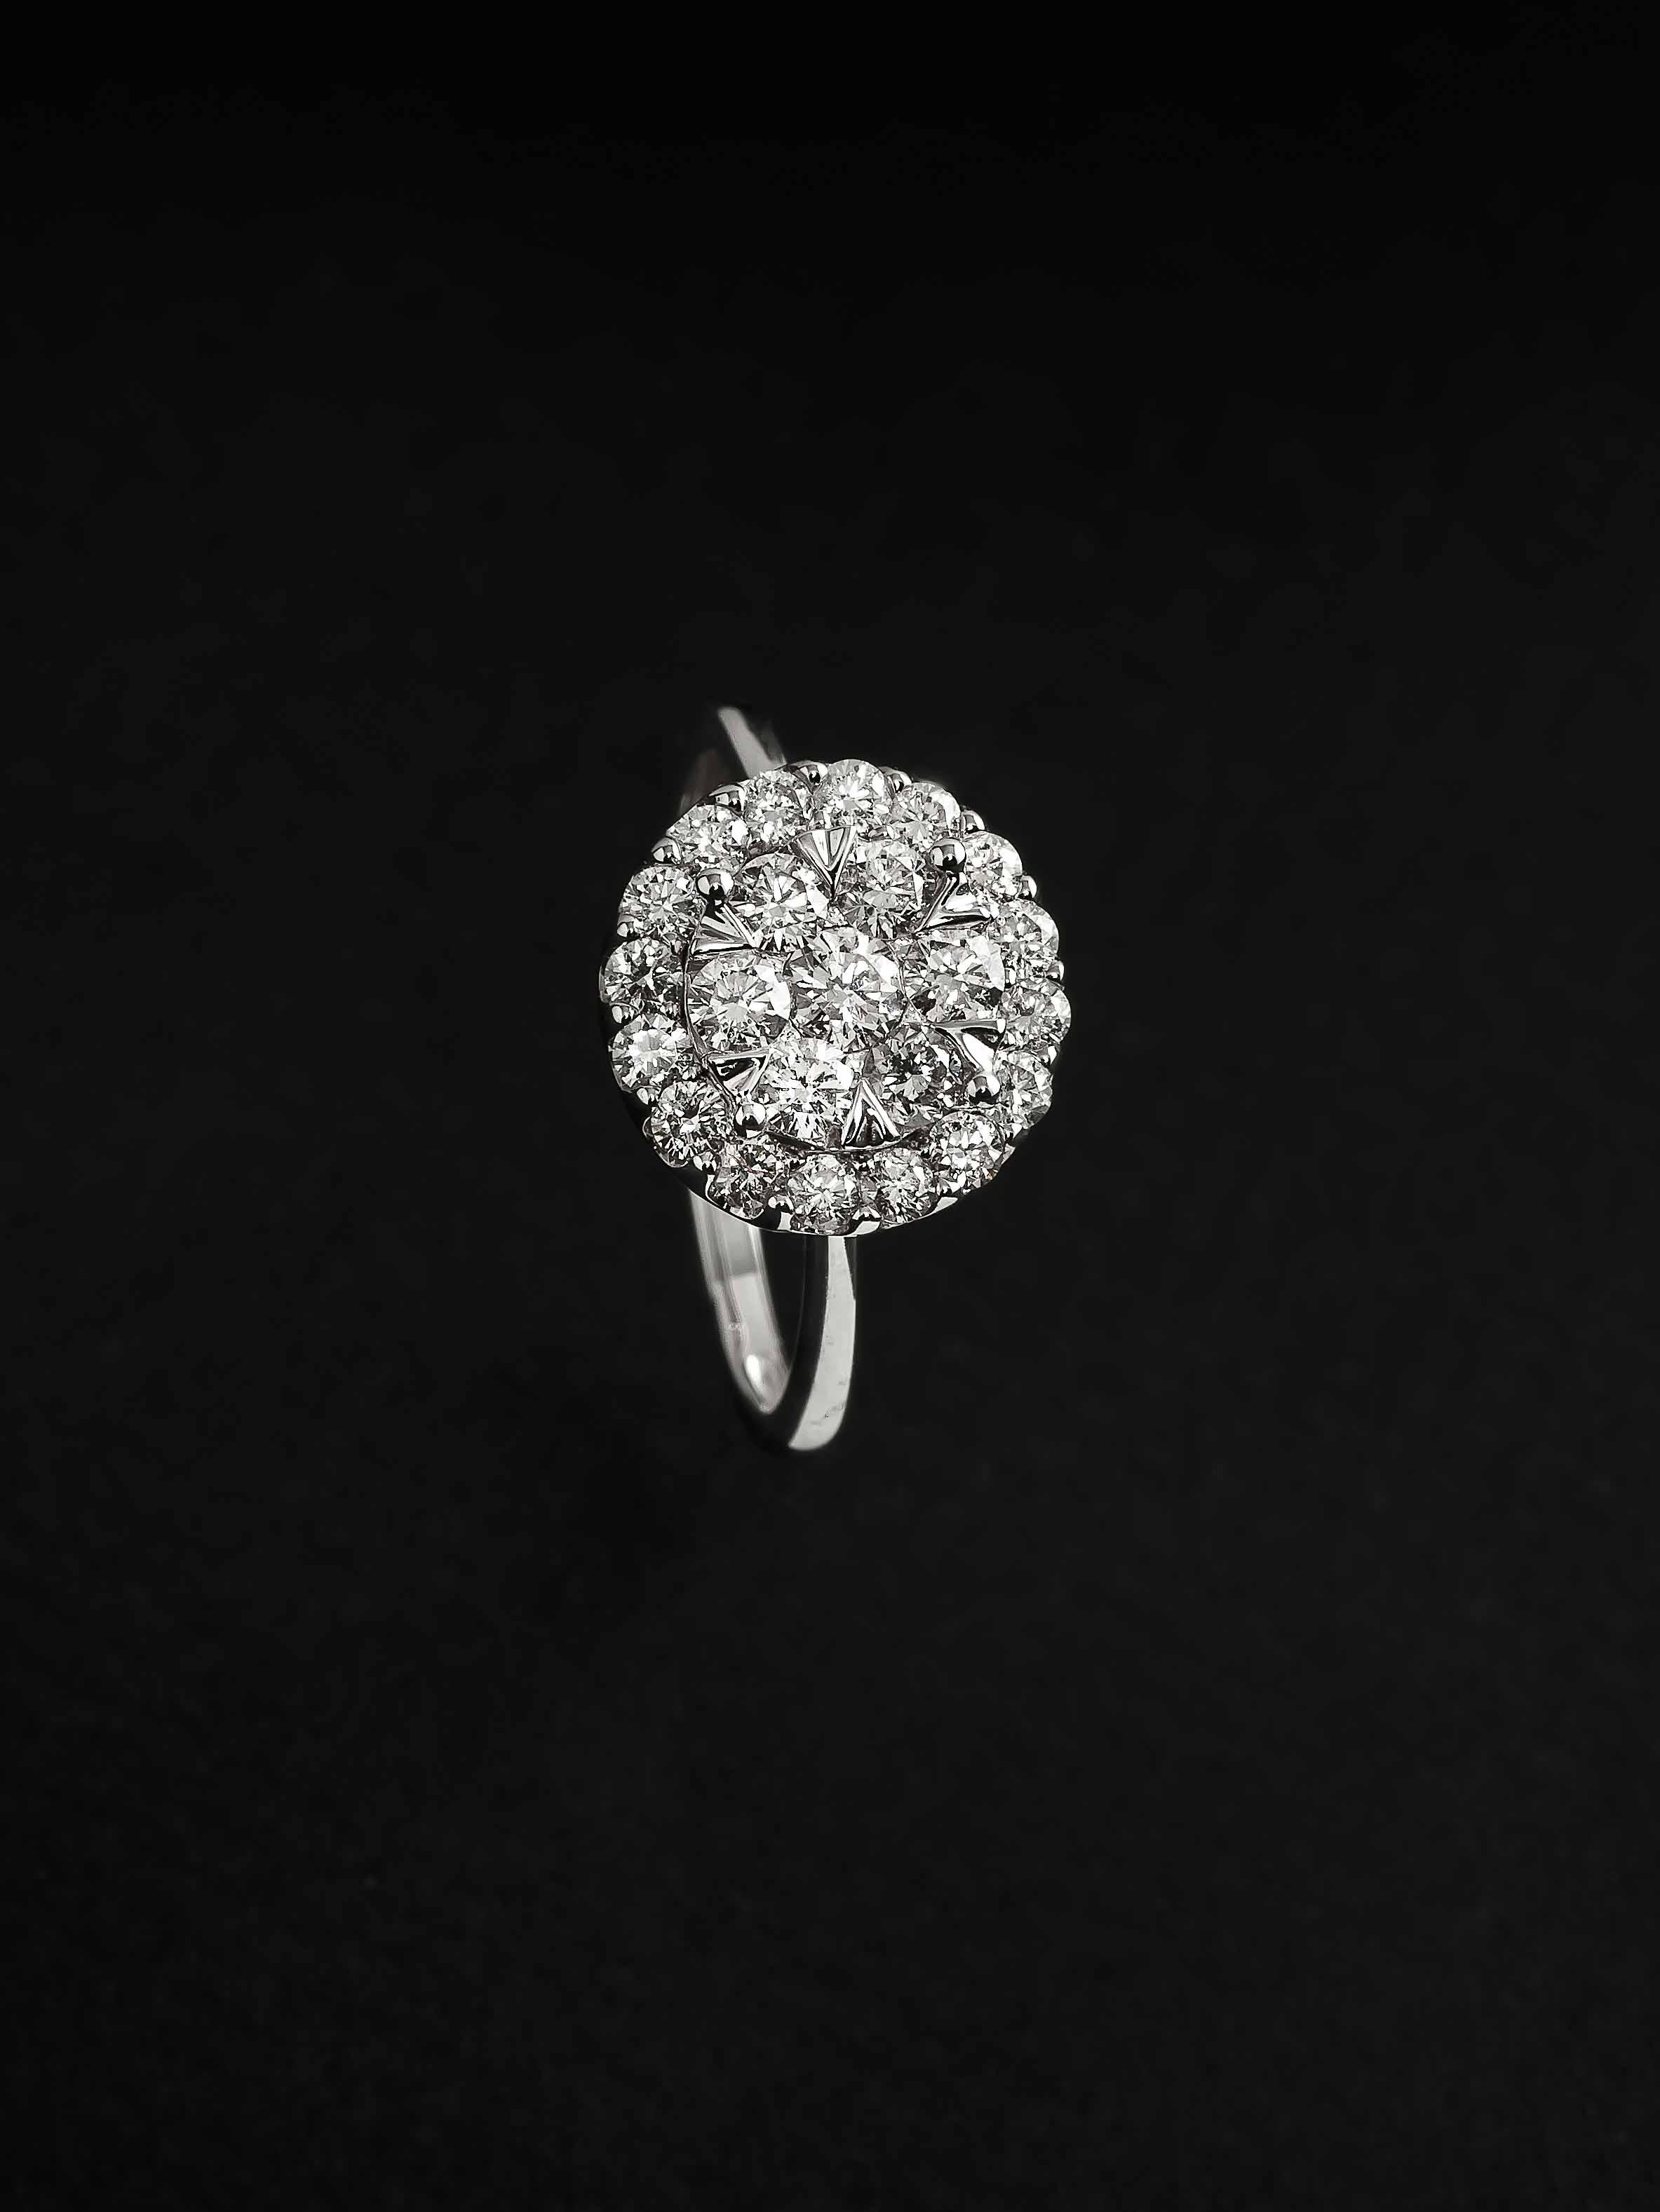 Sortija oro blanco diamante Joyeria Jose Luis Joyero Malaga